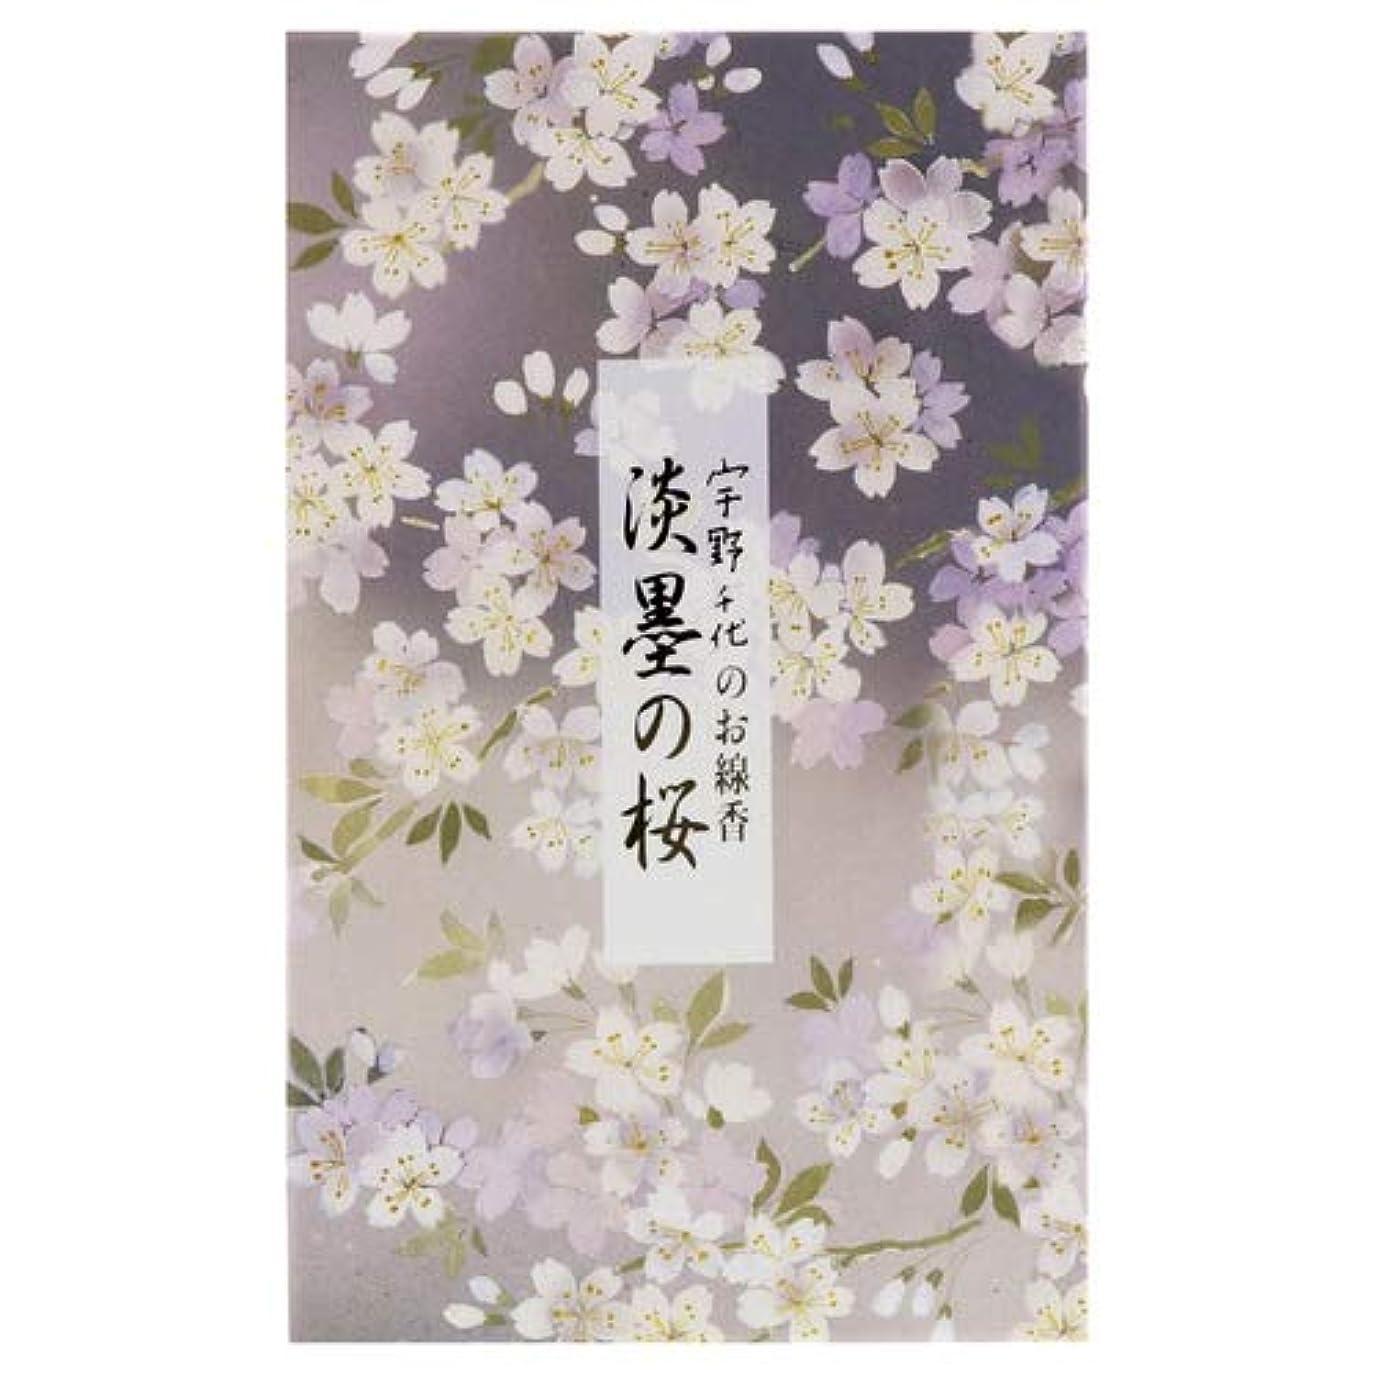 公平トピック災害宇野千代のお線香 淡墨の桜 バラ詰